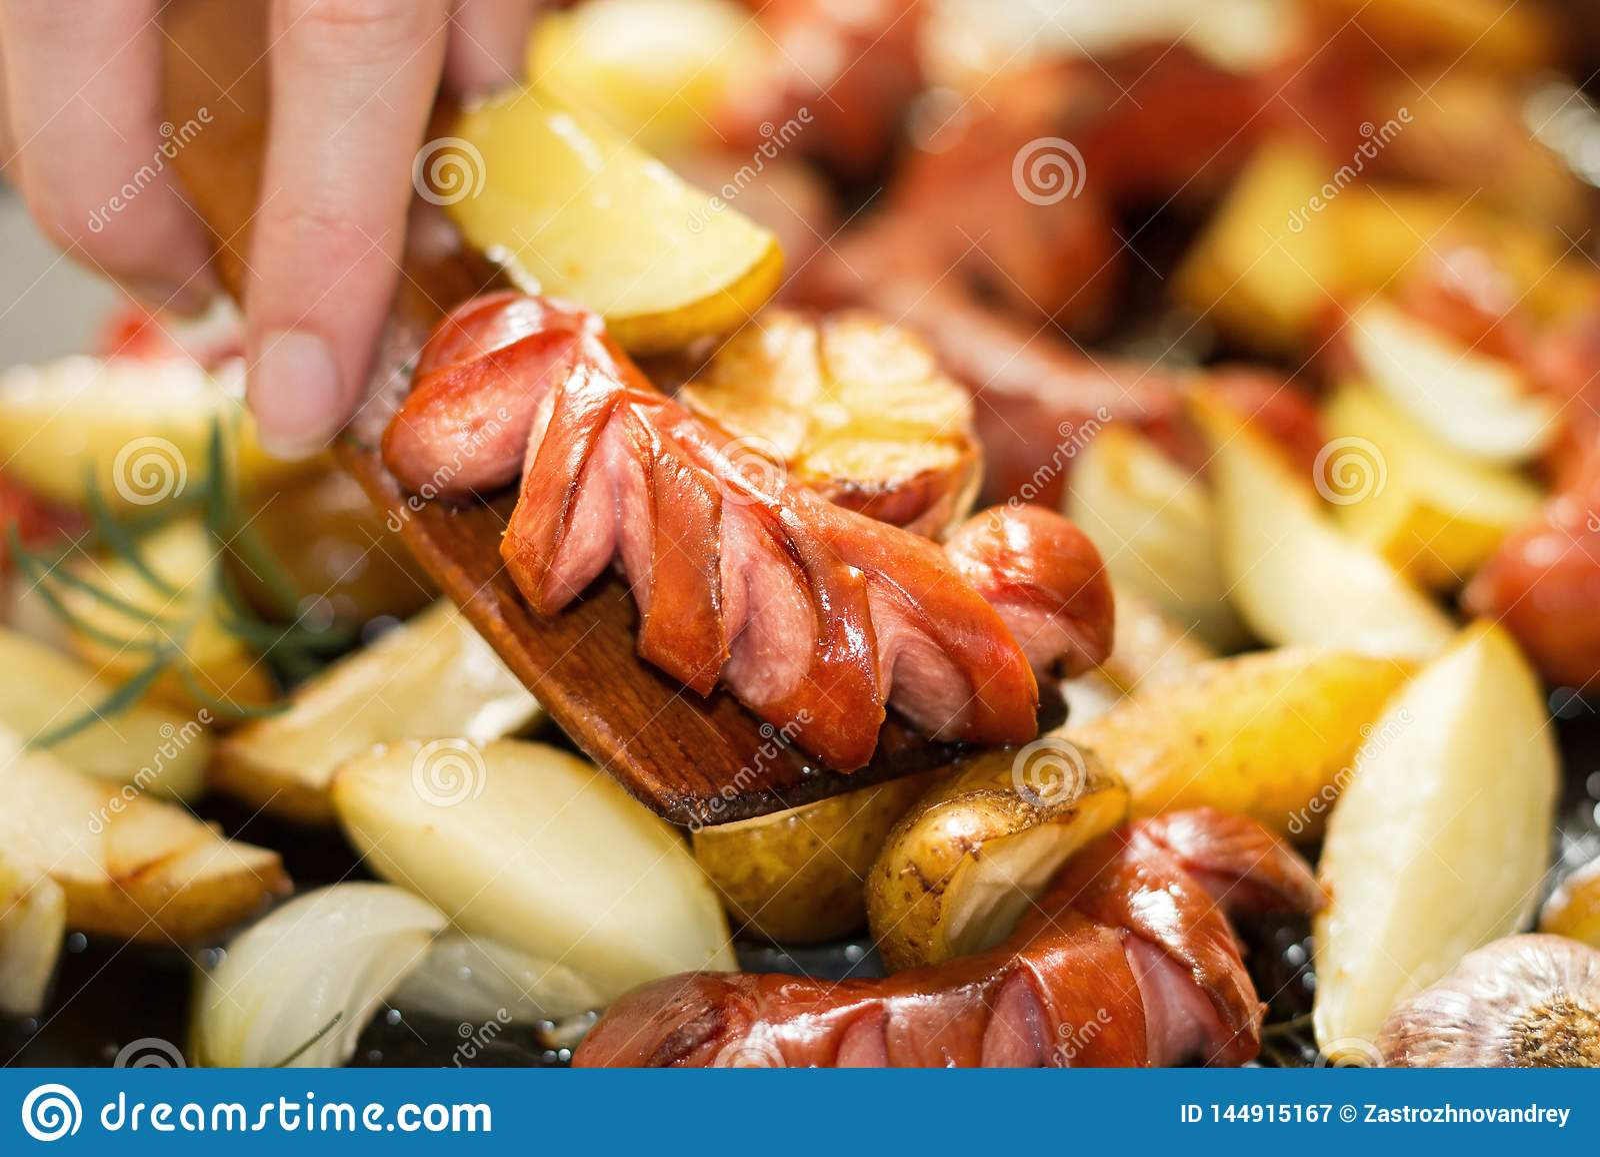 La mano, una esp?tula de madera vierte una cena alta en calor?as y grasa Imagen horizontal